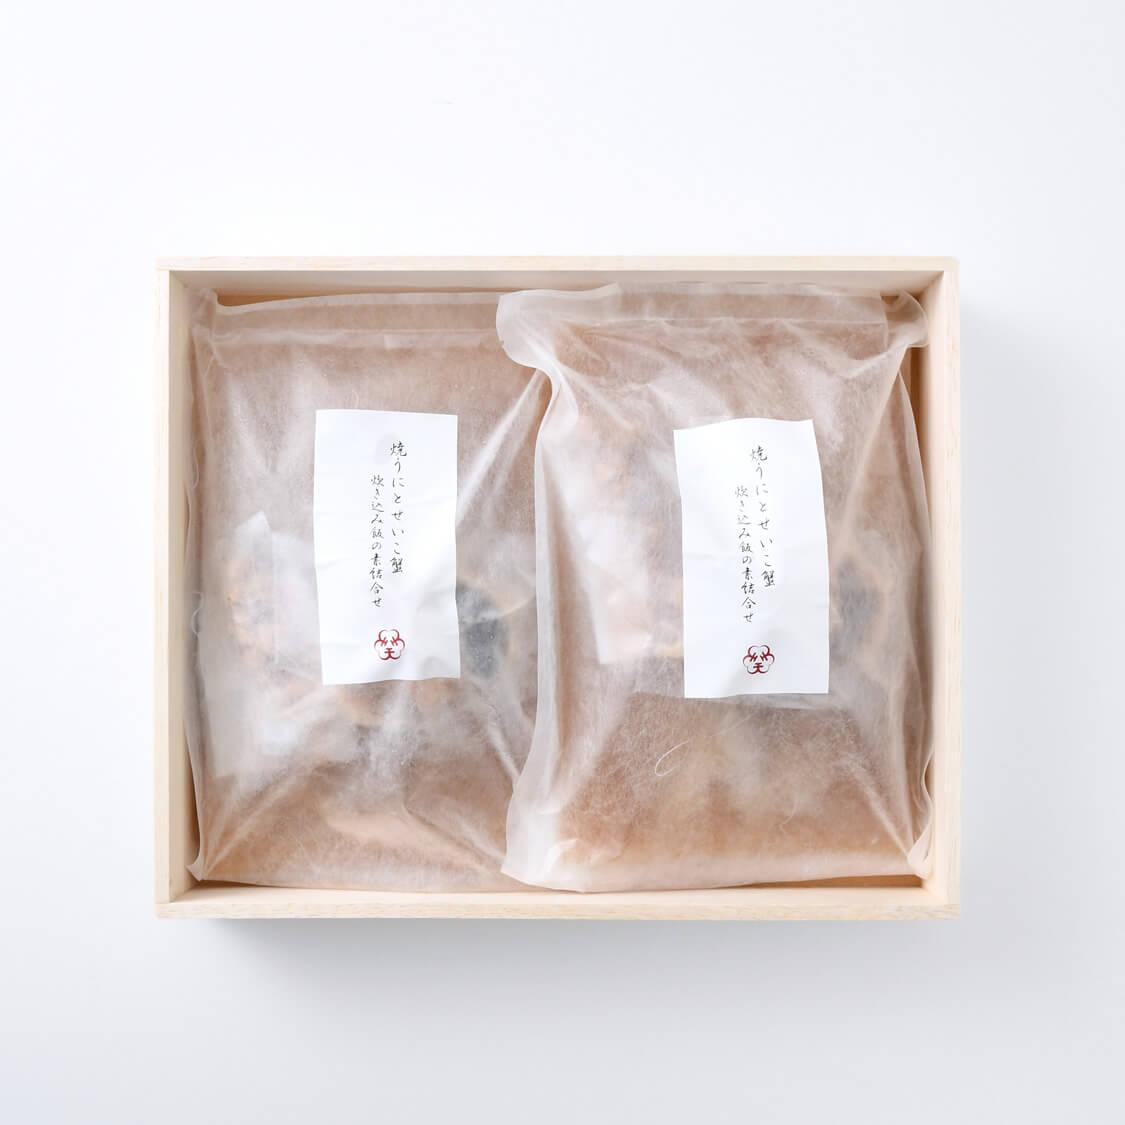 焼うにとせいこ蟹炊き込み飯の素詰合 (3合炊用×2パック)